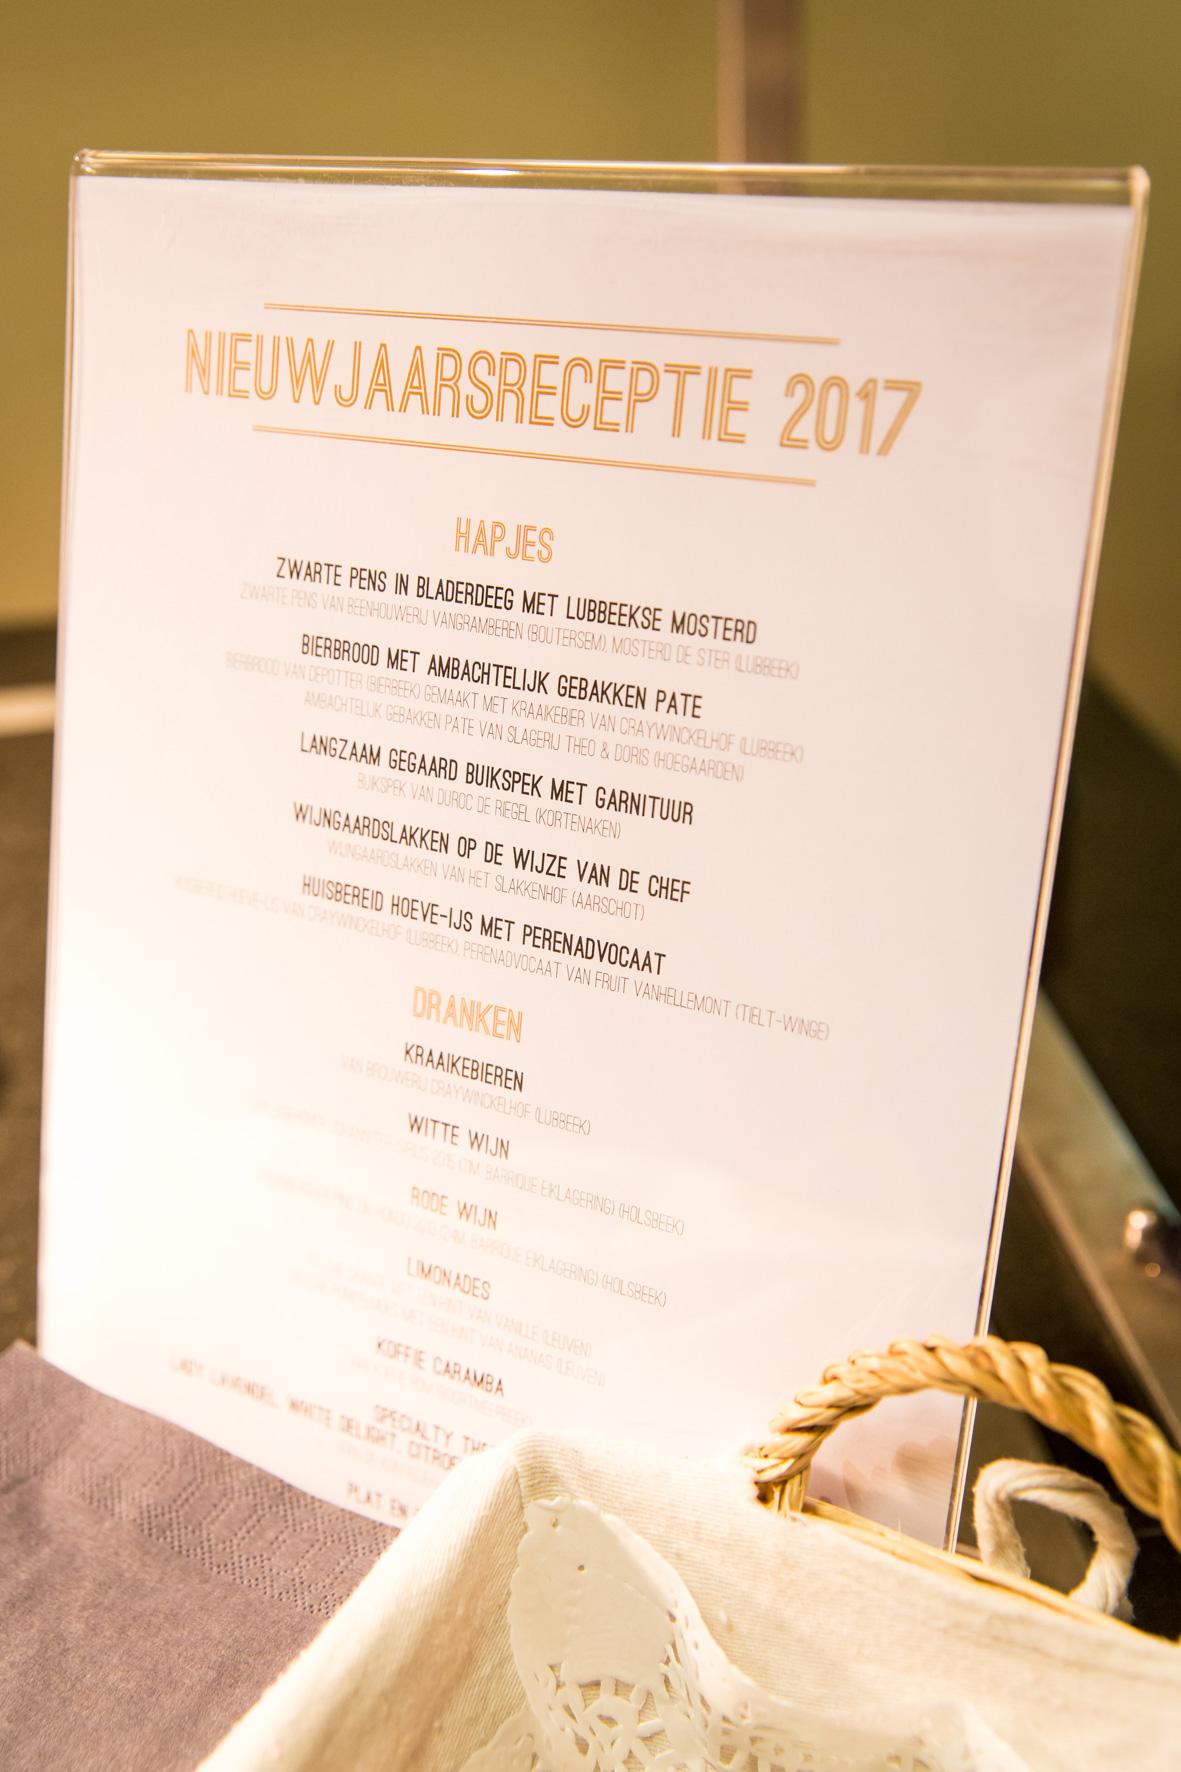 20170213 Straffe Streek Nieuwjaarsreceptie Craywinckelhof Lubbeek Foto Luk Collet 6652